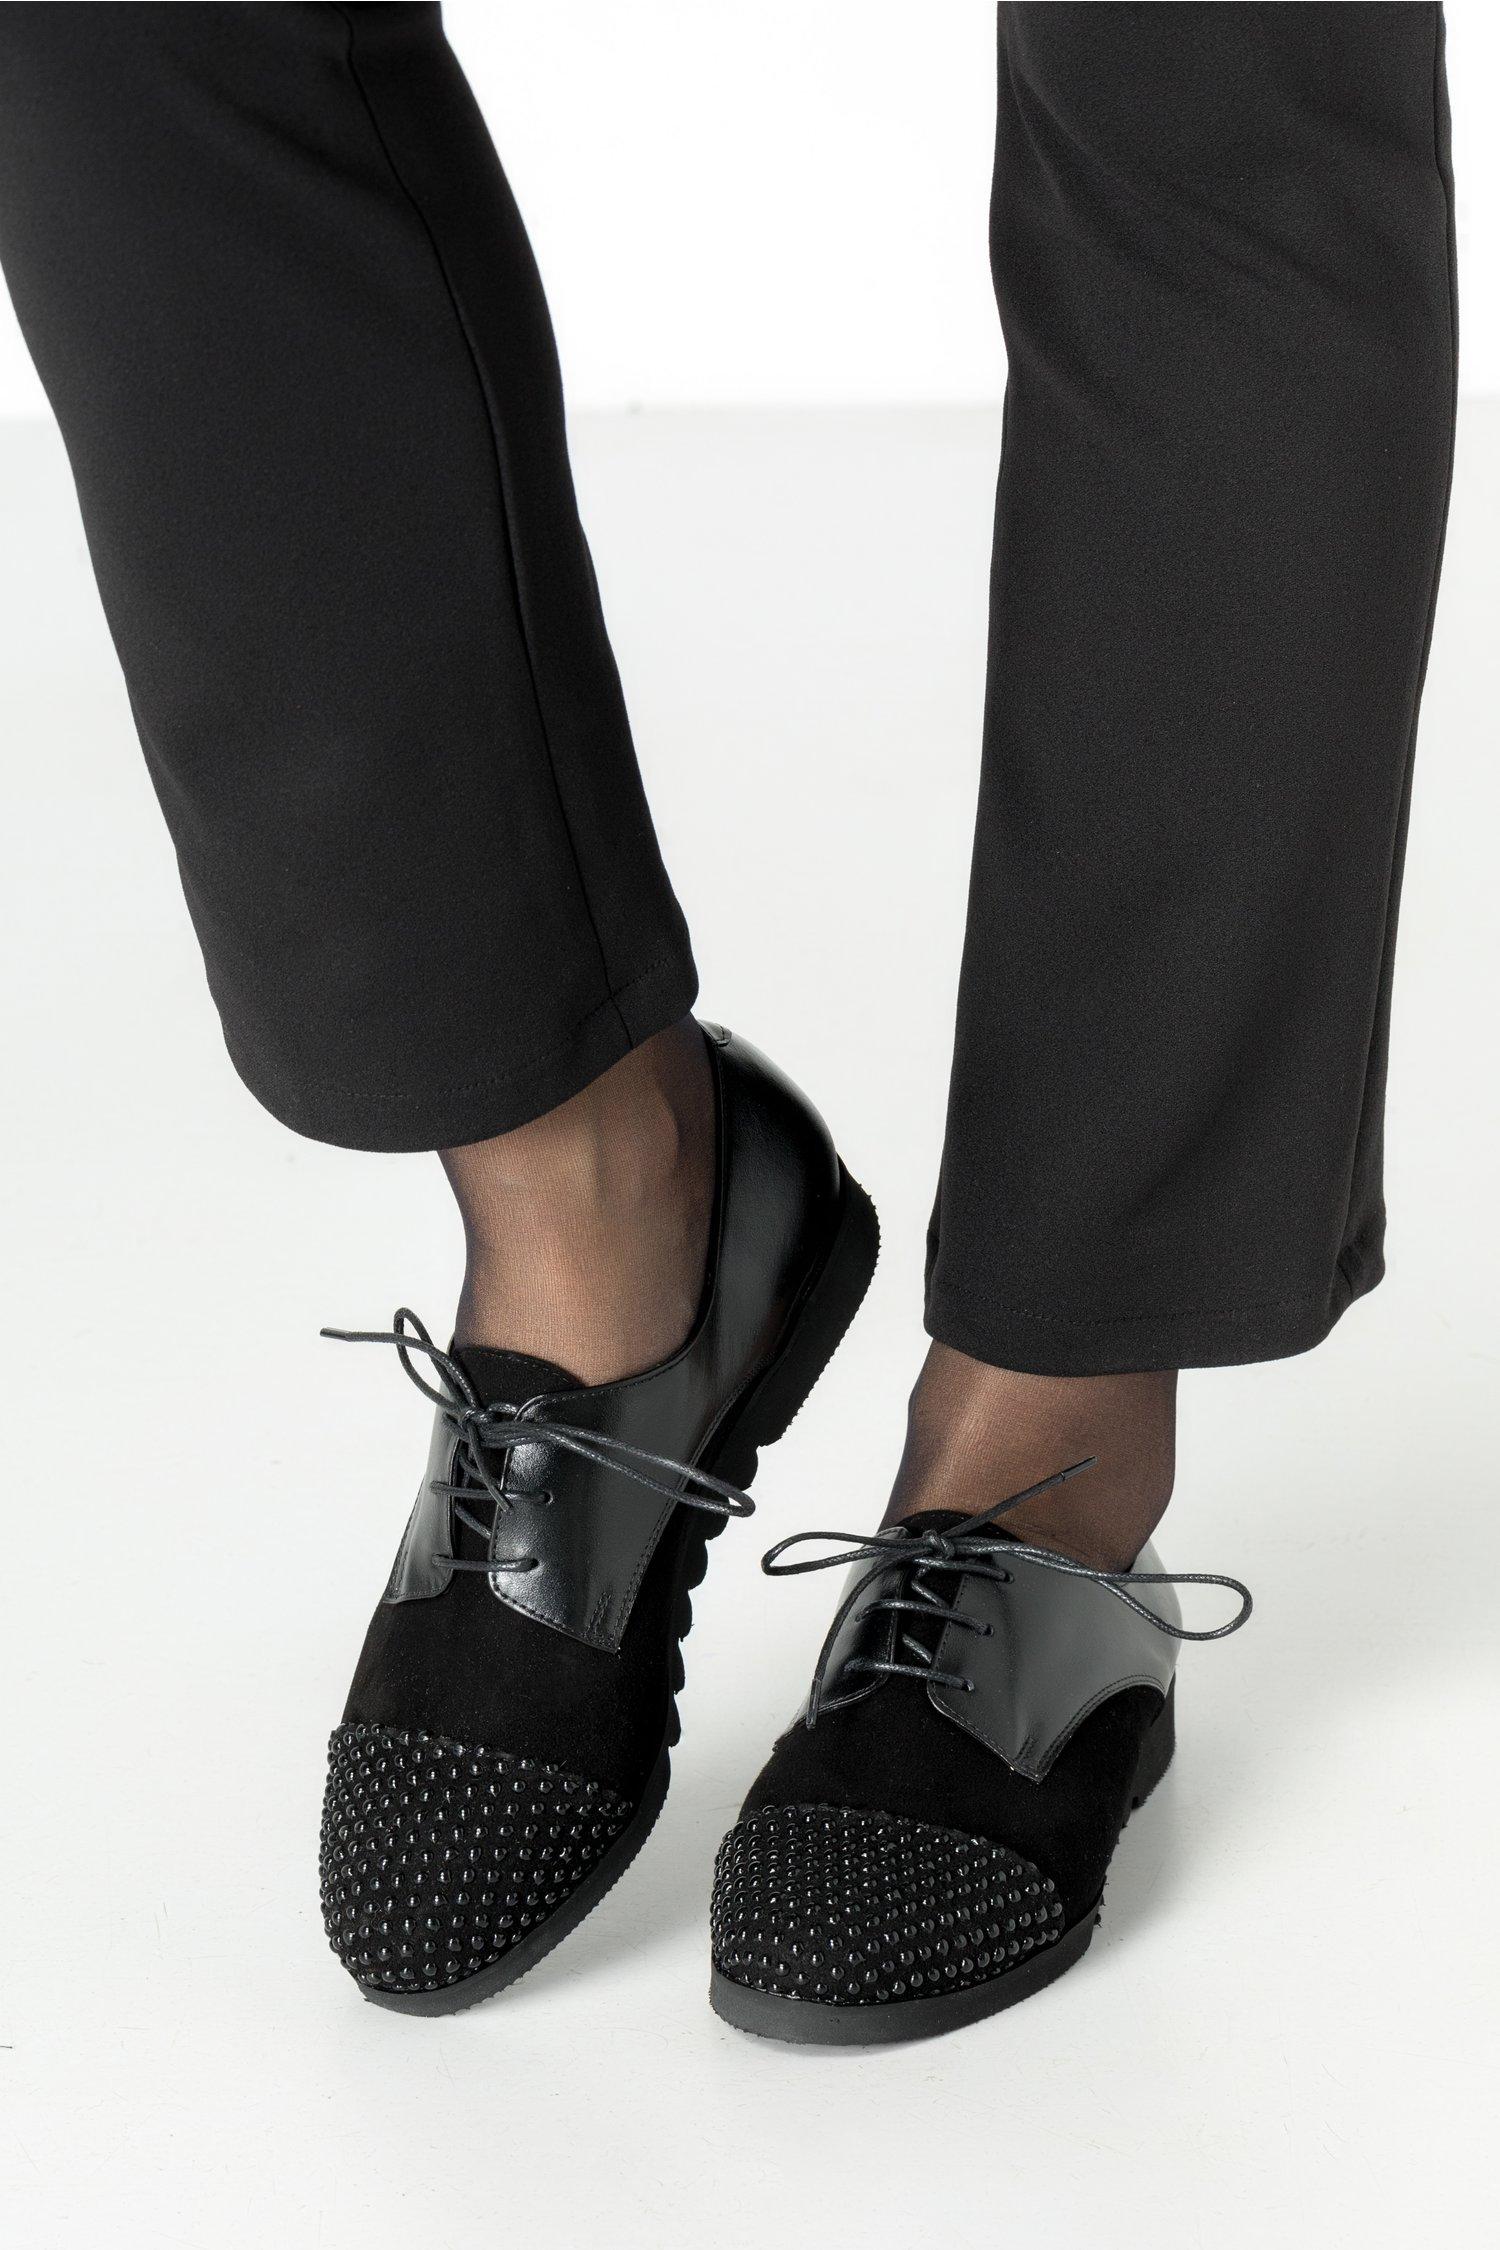 Pantofi Oxford negrii cu perlute aplicate la varf